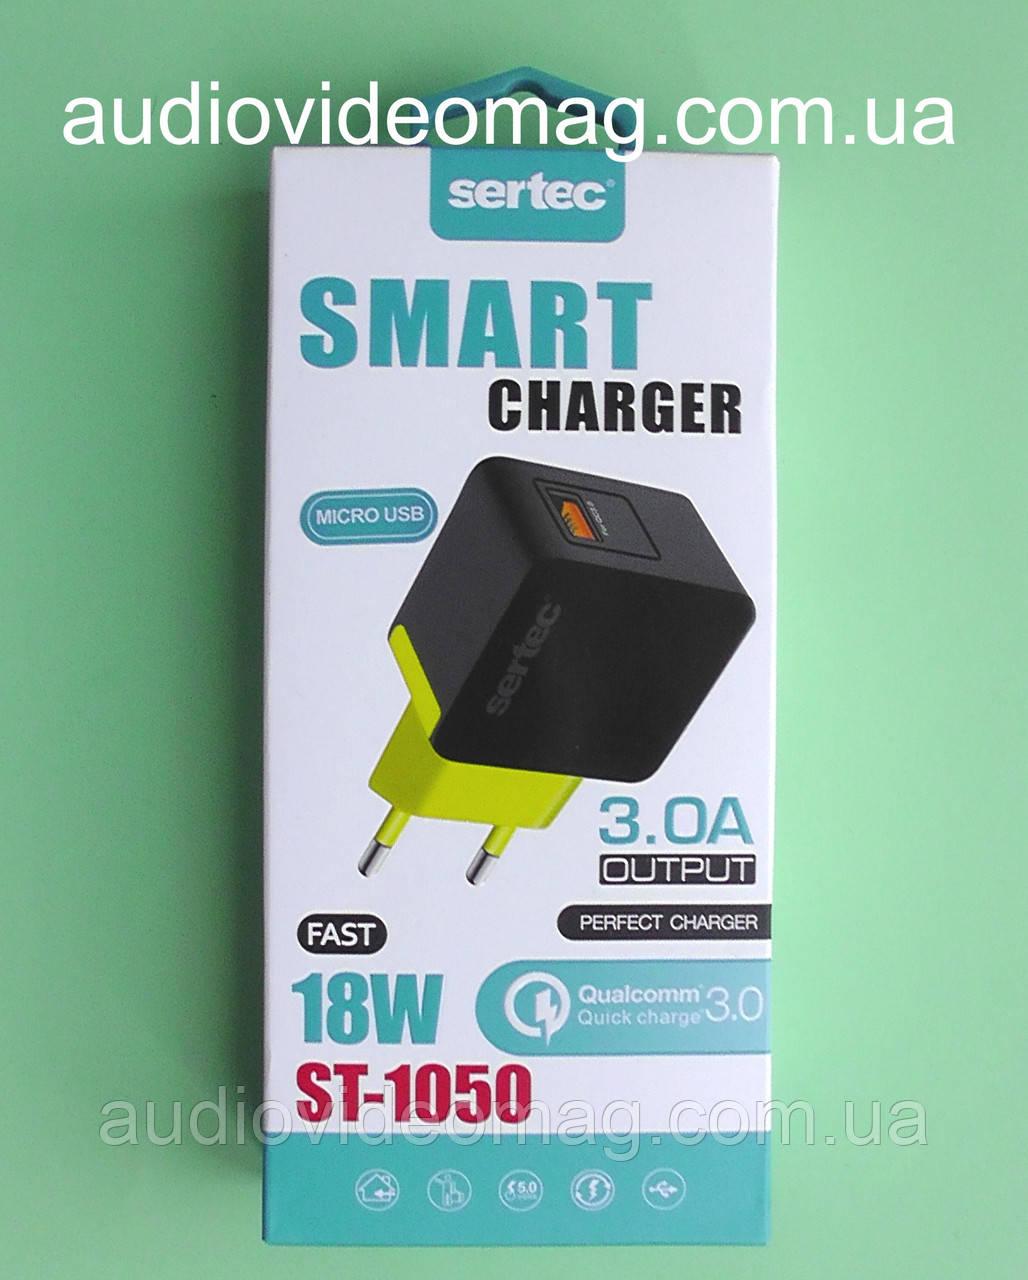 Быстрая зарядка БП ST-1050 USB 5V 3A. Цвет черный